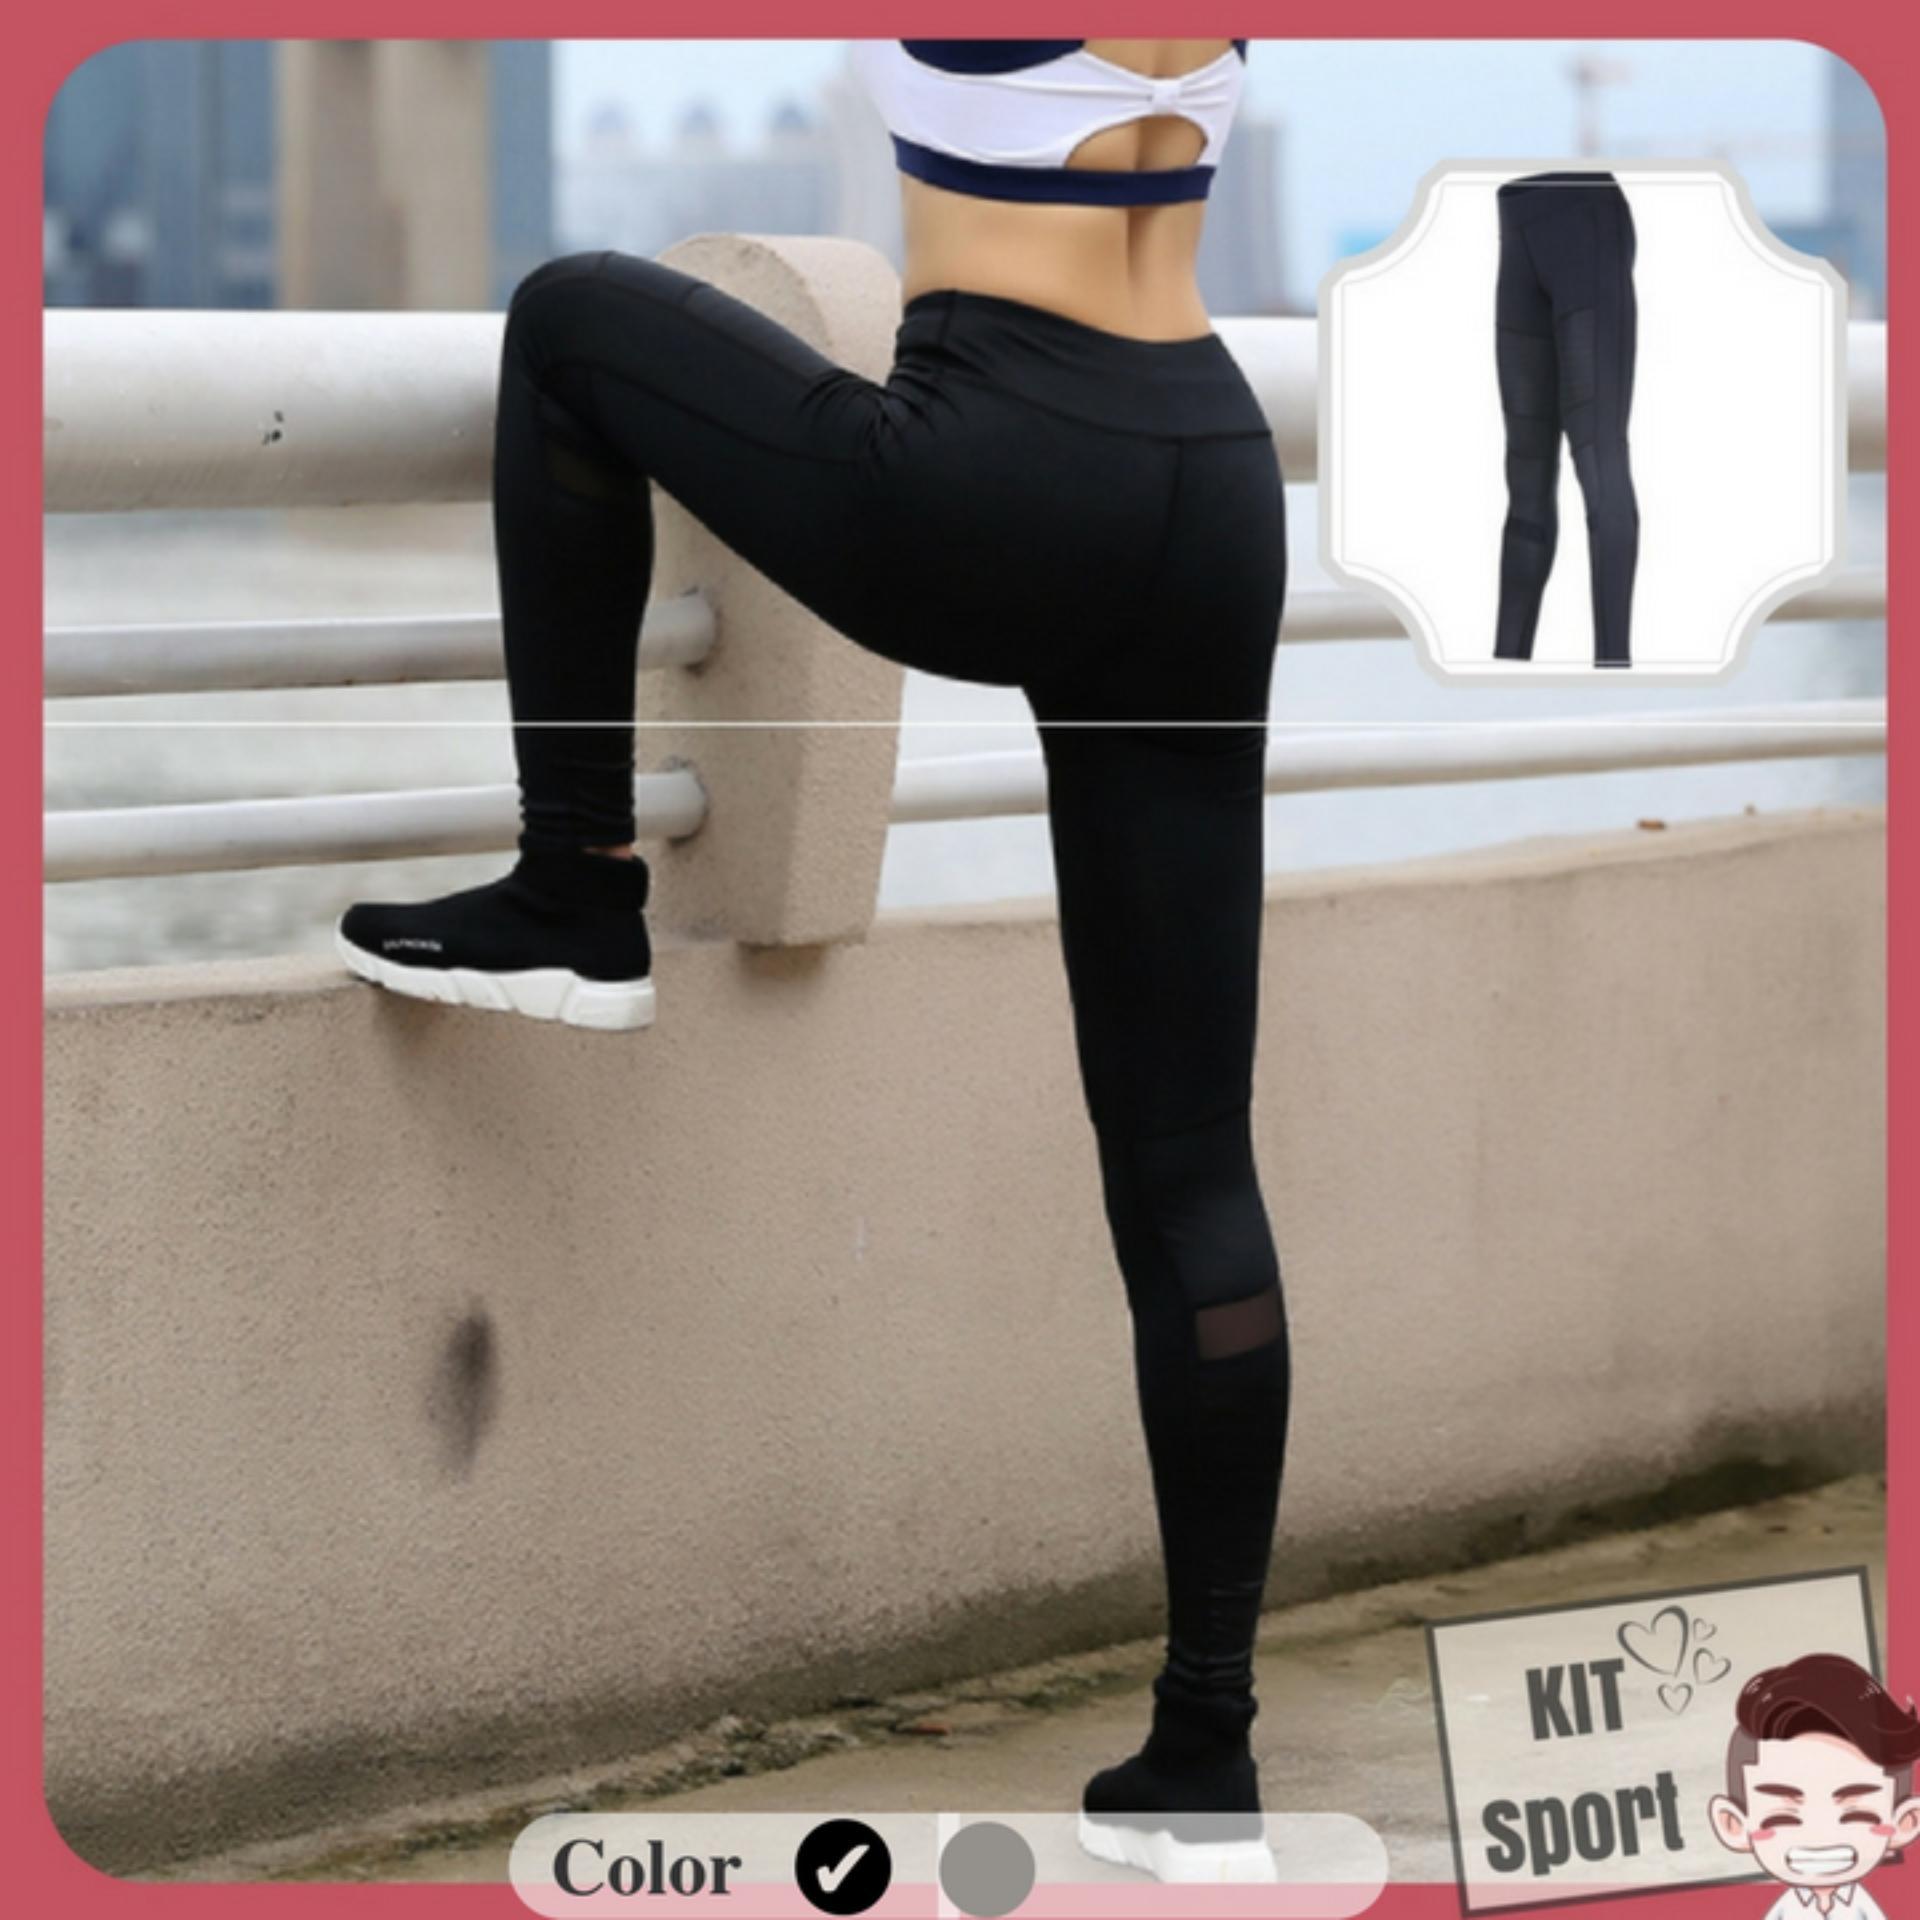 Bán Quần Dai Legging Thể Thao Nữ Instant Plus Hiệu Vansydical Hang Nhập Khẩu Đồ Tập Quần Ao Gym Thể Dục Thể Hinh Yoga Kit Sport Kit Sport Đồ Tập Chính Hãng Trực Tuyến